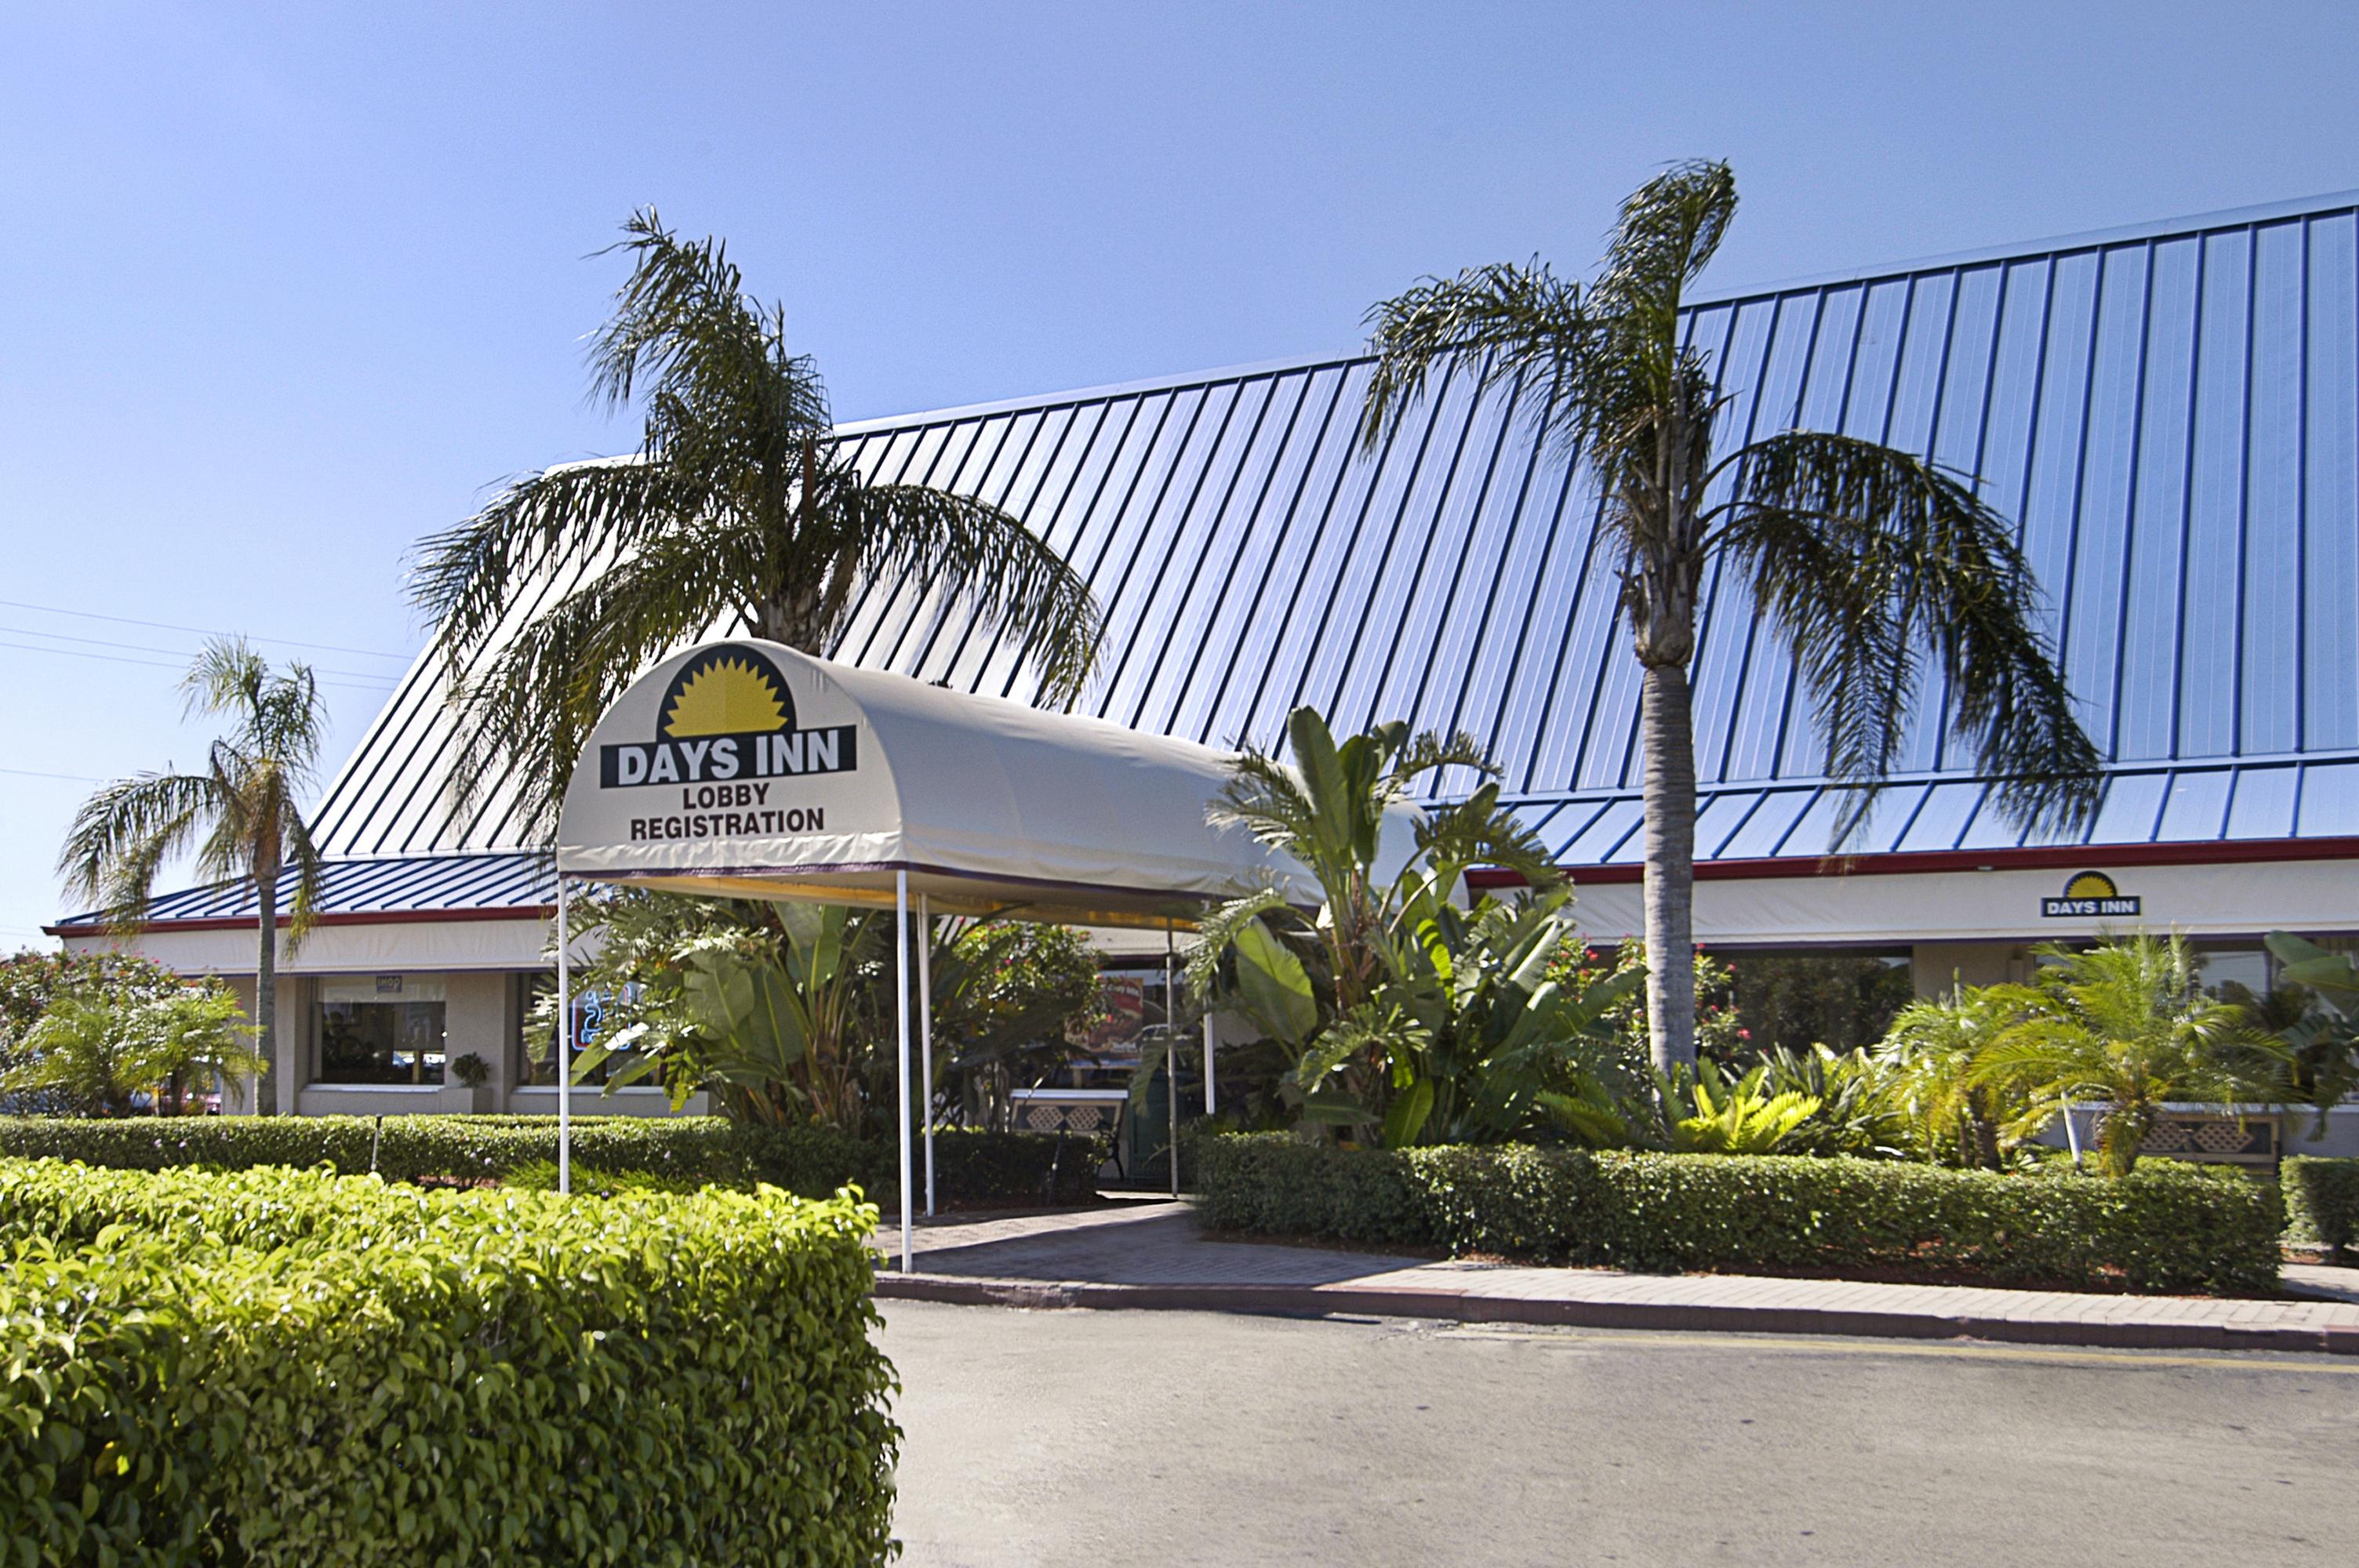 Days Inn West Palm Beach - Airport North